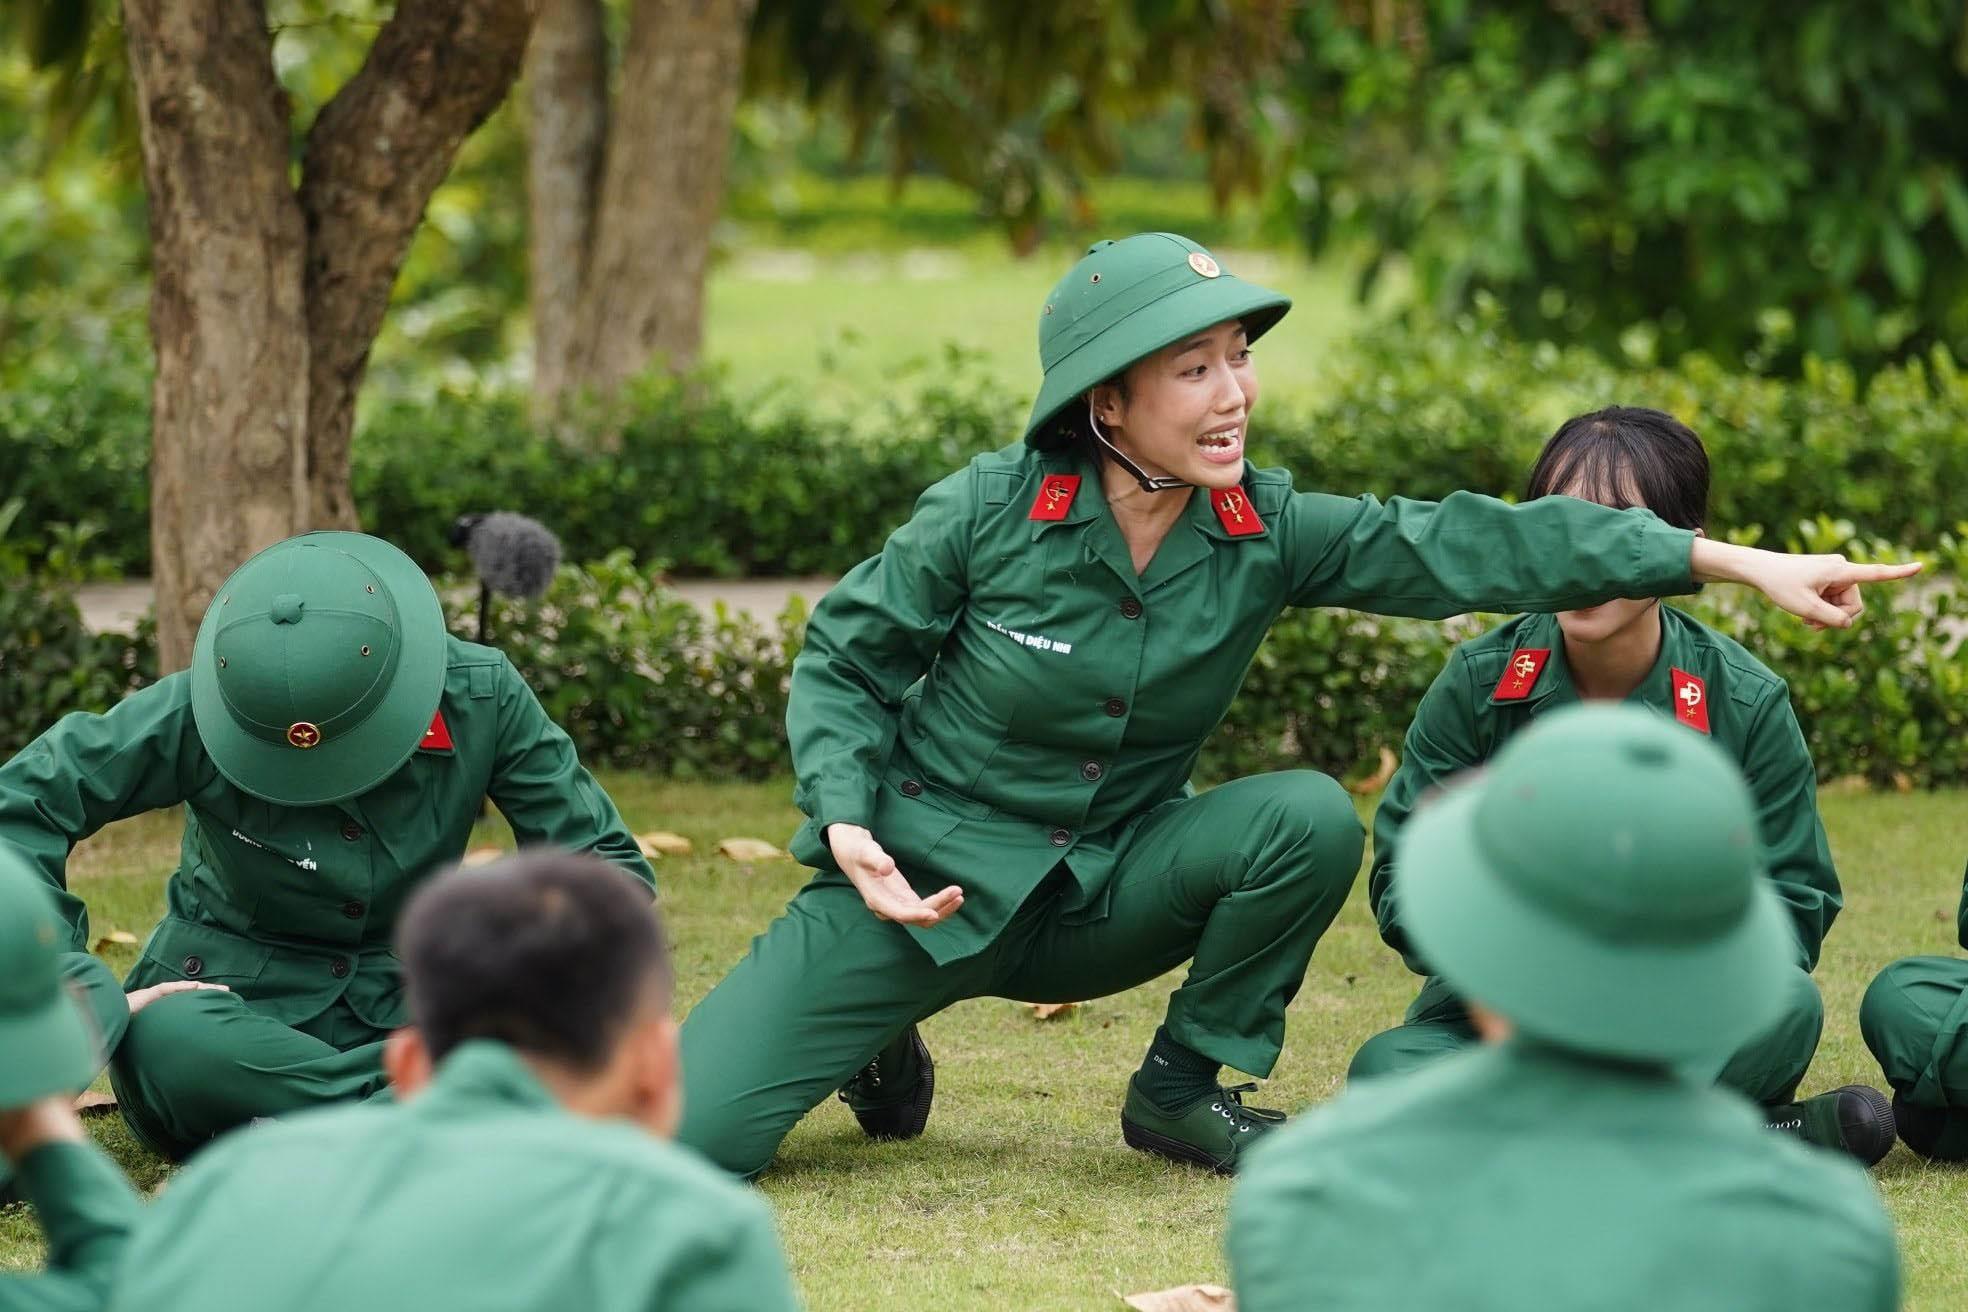 Diệu Nhi và những màn 'tấu hài' gây cười trong 'Sao nhập ngũ'